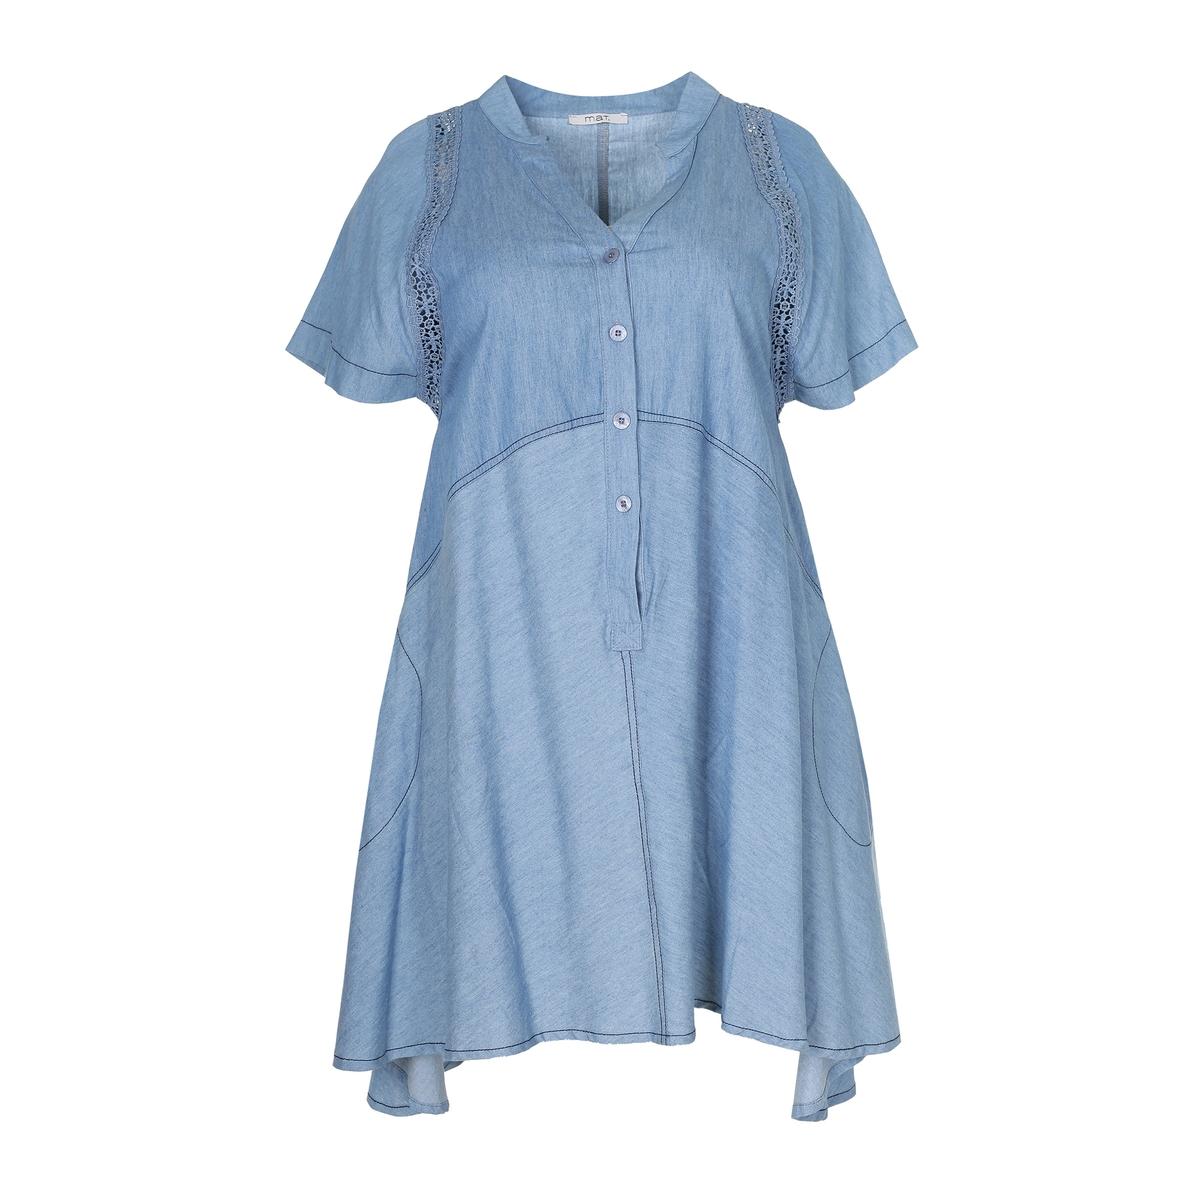 ПлатьеПлатье-рубашка MAT FASHION. Расклешенный покрой, из денима в стиле пэчворк. Короткие рукава. V-образный вырез с застежкой на пуговицы. Вязанные вставки на рукавах. 100% хлопок<br><br>Цвет: синий джинсовый<br>Размер: 52/54 (FR) - 58/60 (RUS).44/46 (FR) - 50/52 (RUS)